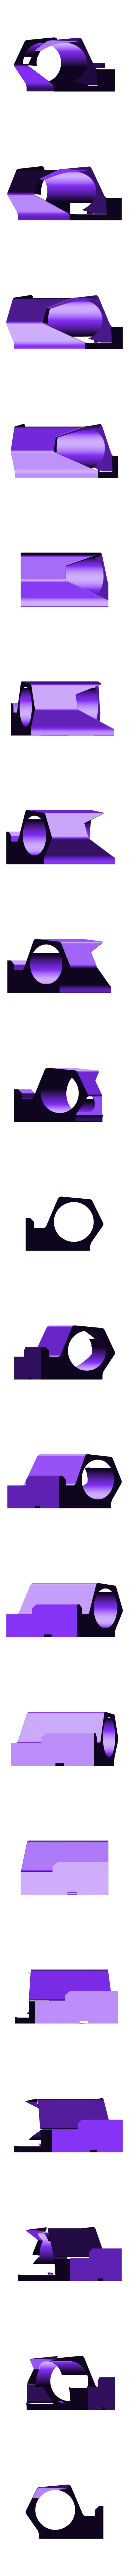 Jet_Pack_Left_Lower.stl Download free STL file Boba Fett Jet Pack Full Size • 3D printable model, bromego